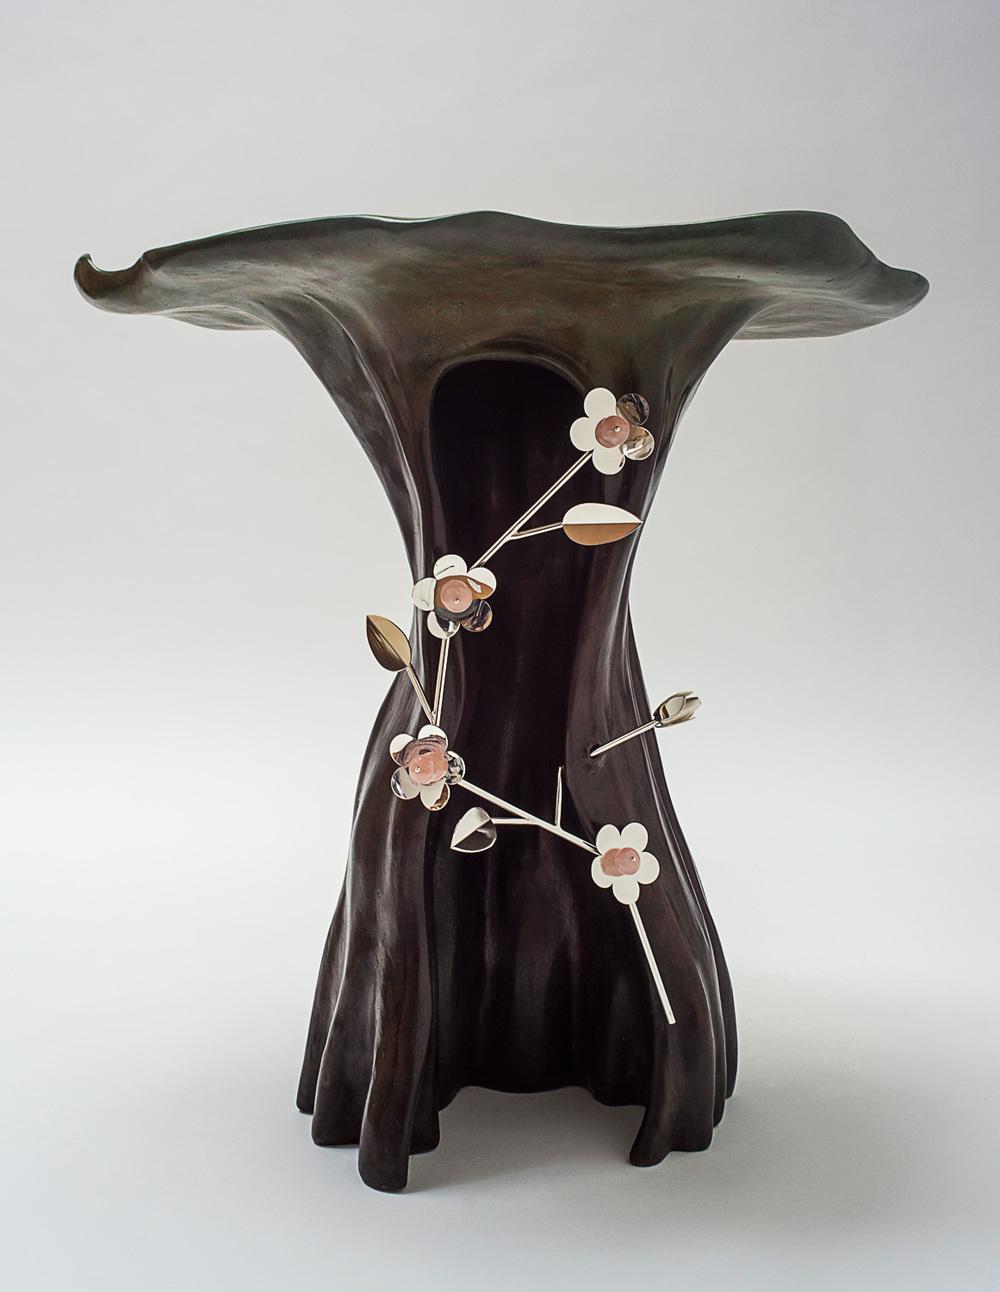 Exquisite Contemporary Luxury Design by Mattia Bonetti - Side Table Spring Blossom Mattia Bonetti Exquisite Contemporary Luxury Design by Mattia Bonetti Exquisite Contemporary Luxury Design by Mattia Bonetti Side Table Spring Blossom